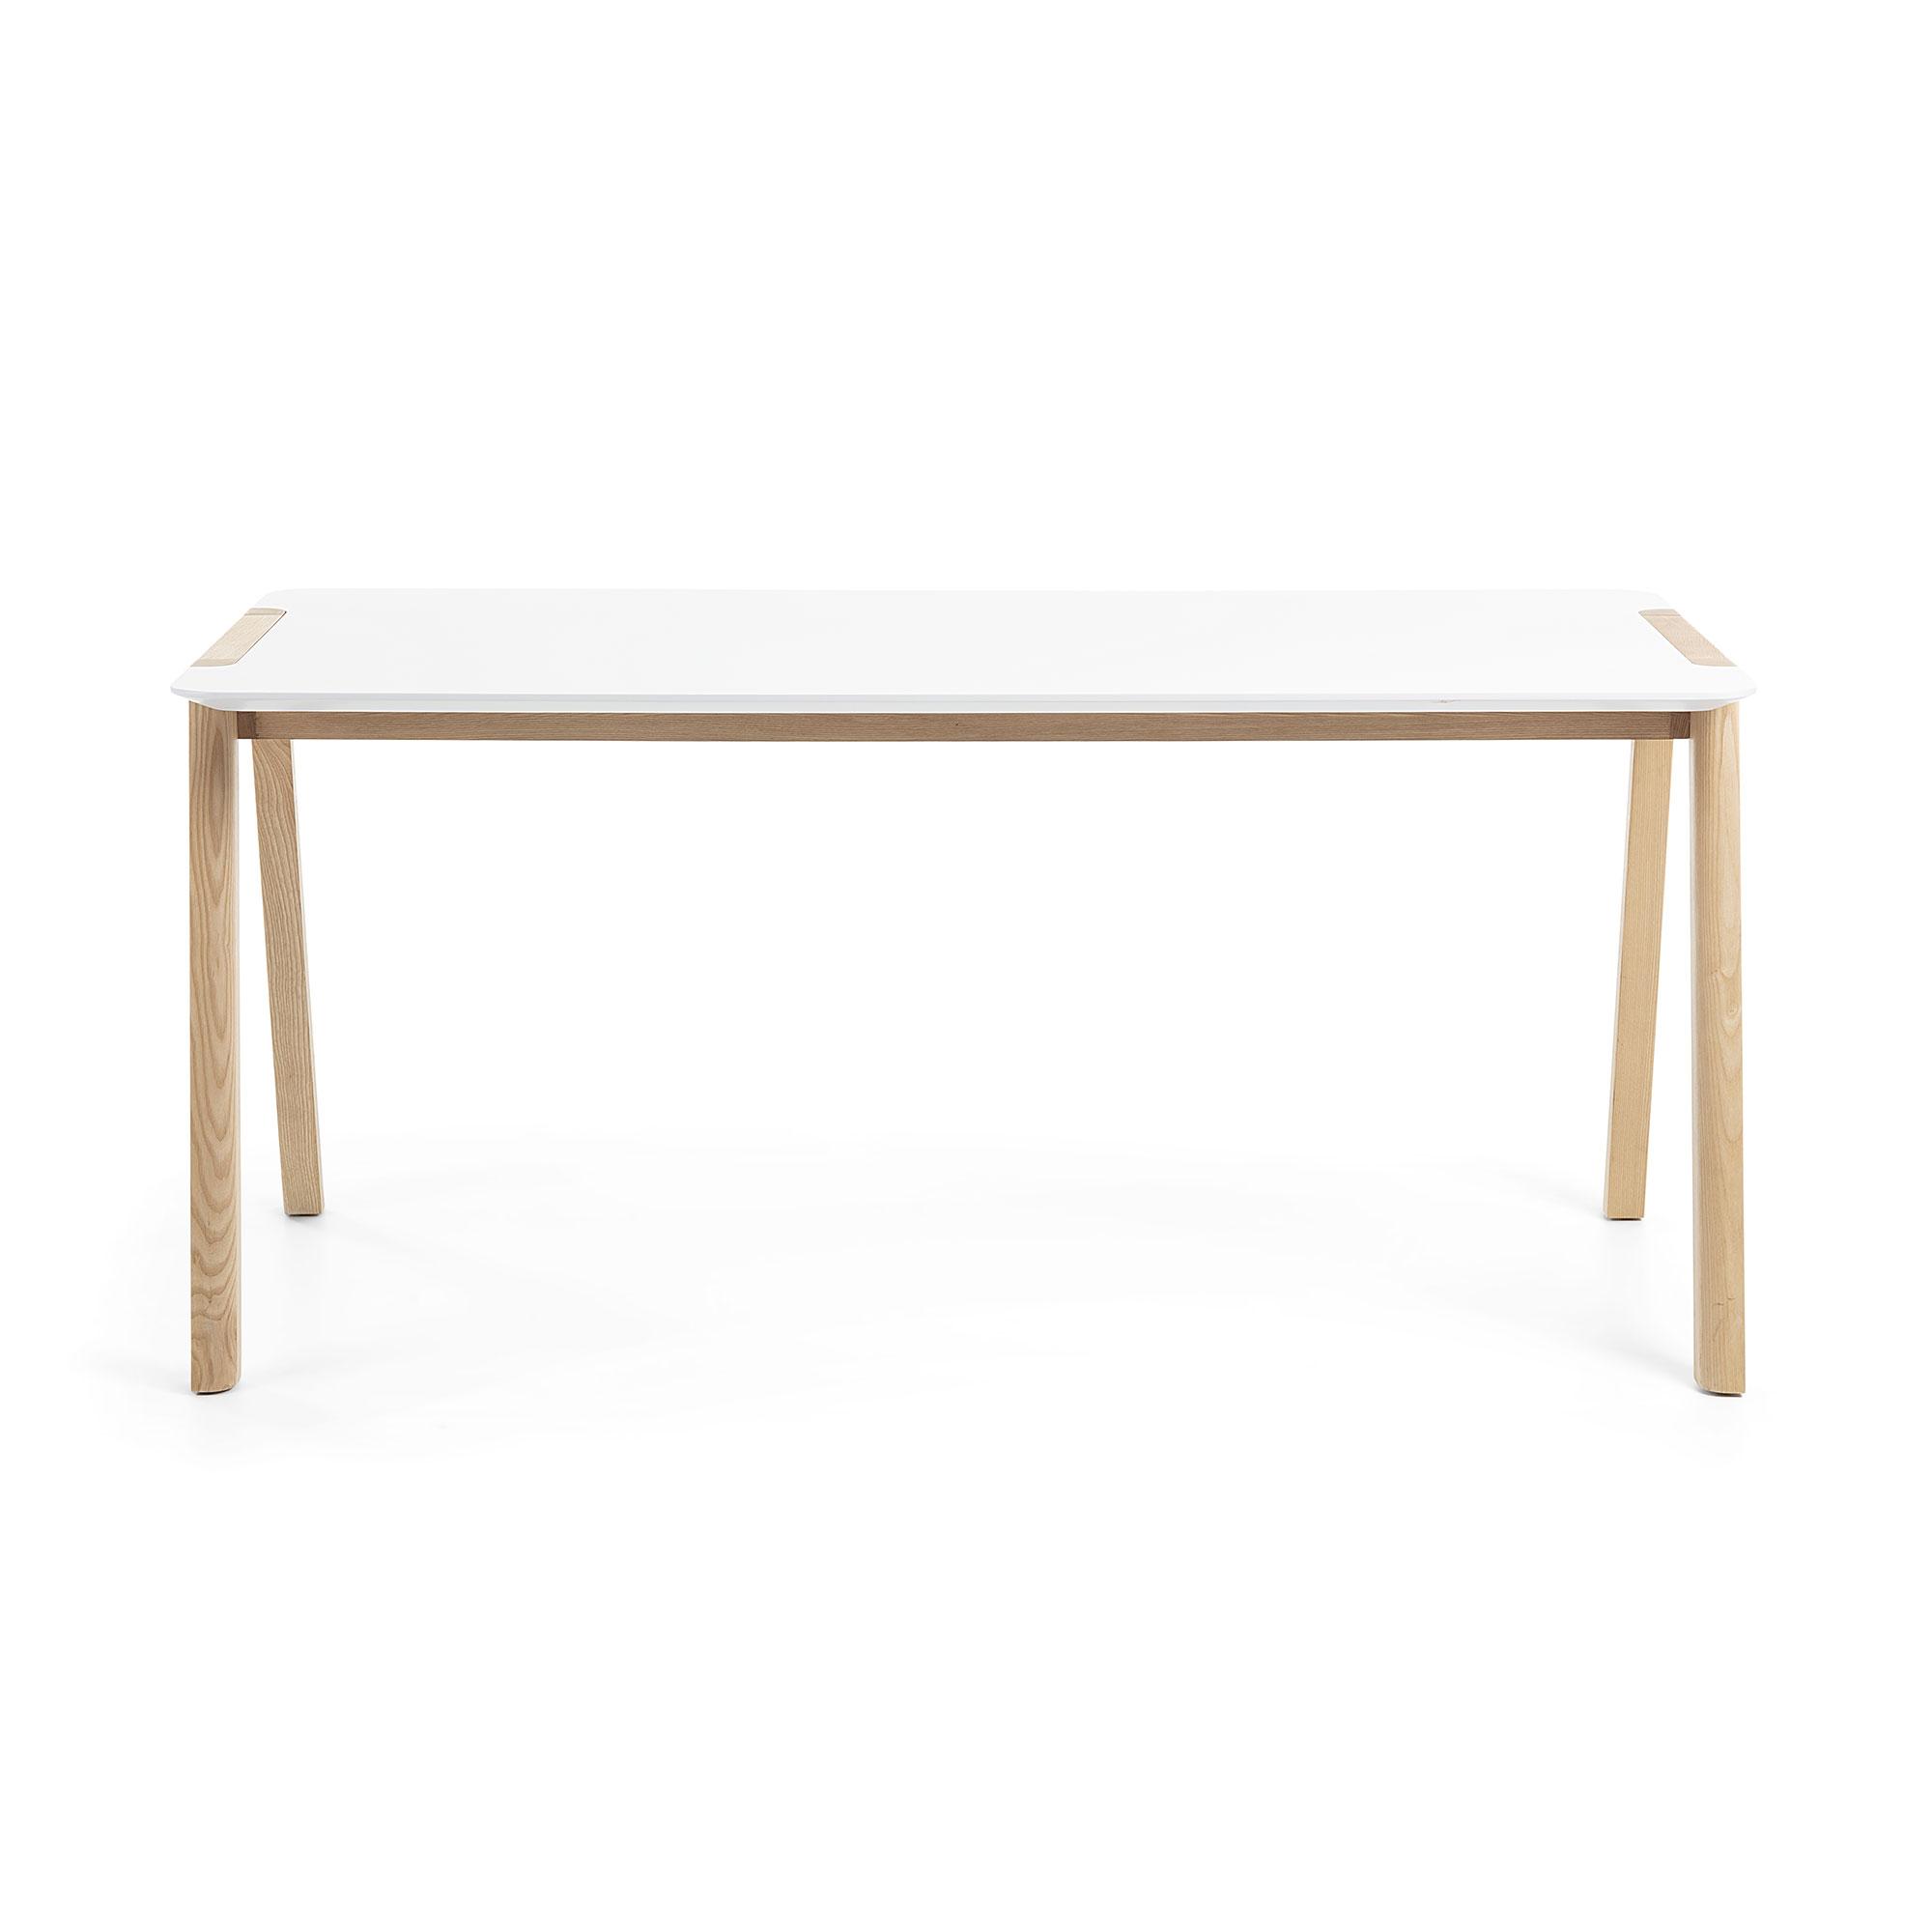 Laforma kale spisebord - hvid/natur mdf/asketræ, rektangulær (140x80) fra laforma fra boboonline.dk